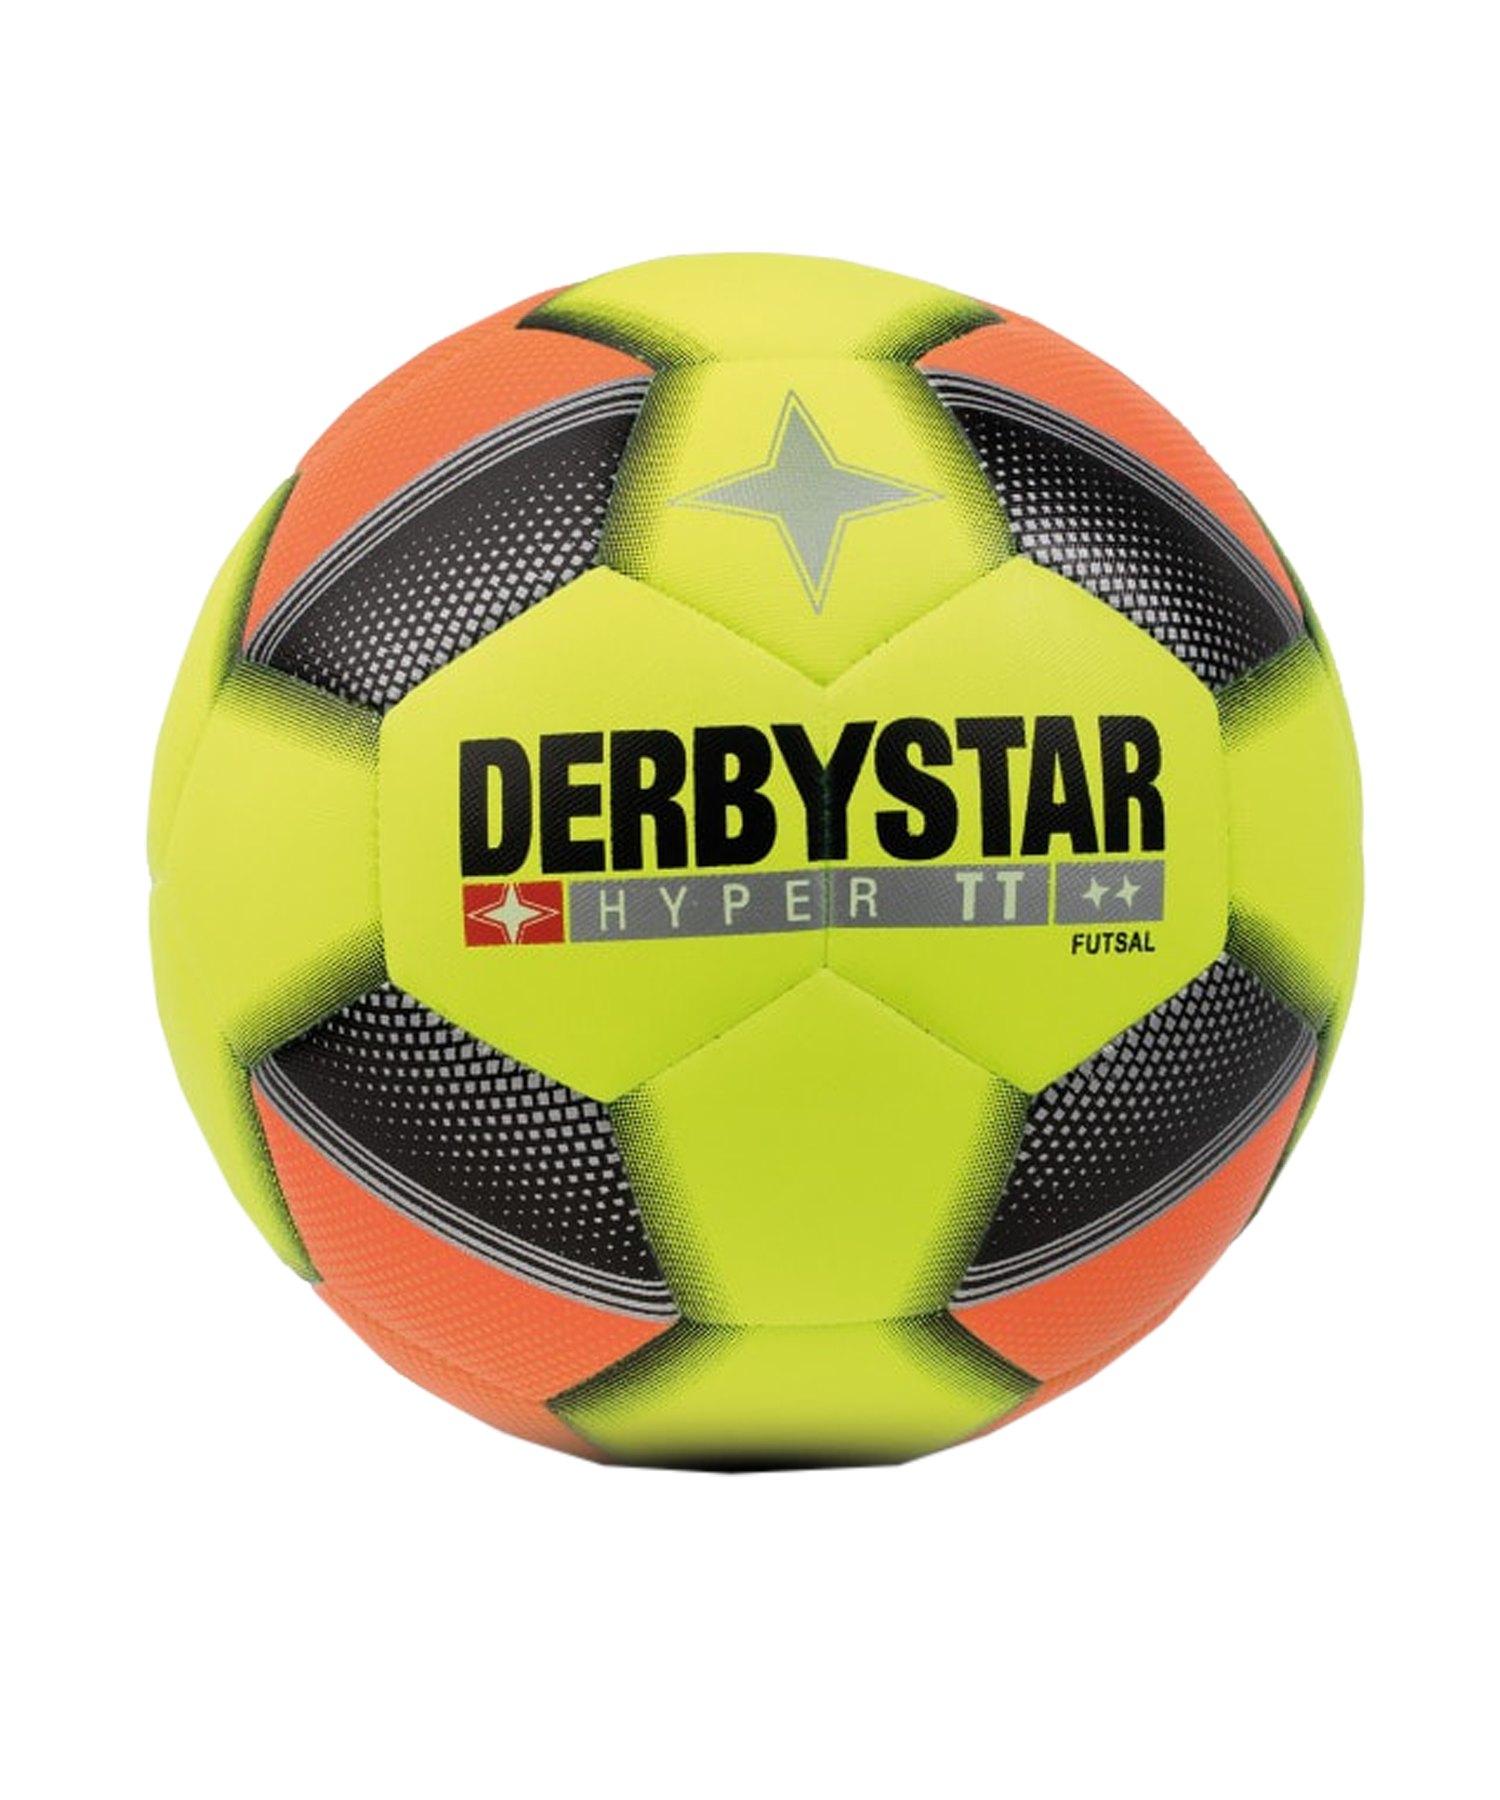 Derbystar Futsal Hyper TT Trainingsball Gr.4 F572 - gelb